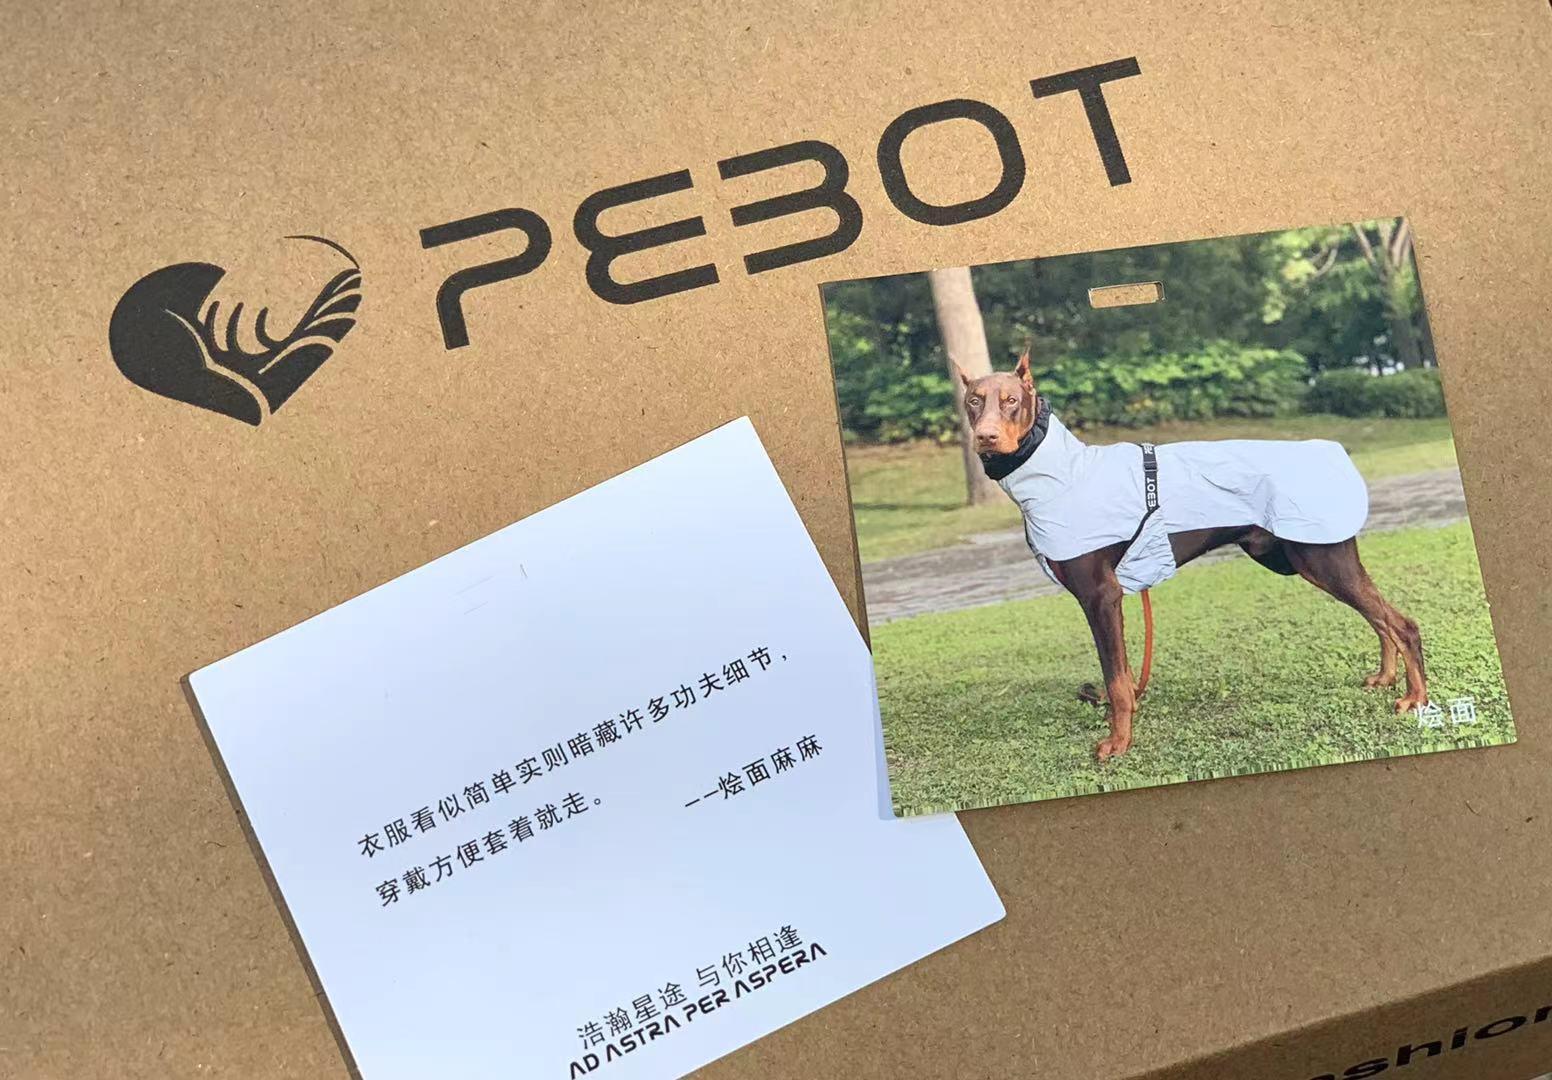 宠物衣服吊牌也能玩出新花样?PEBOT致力守护亲宠的独特温暖